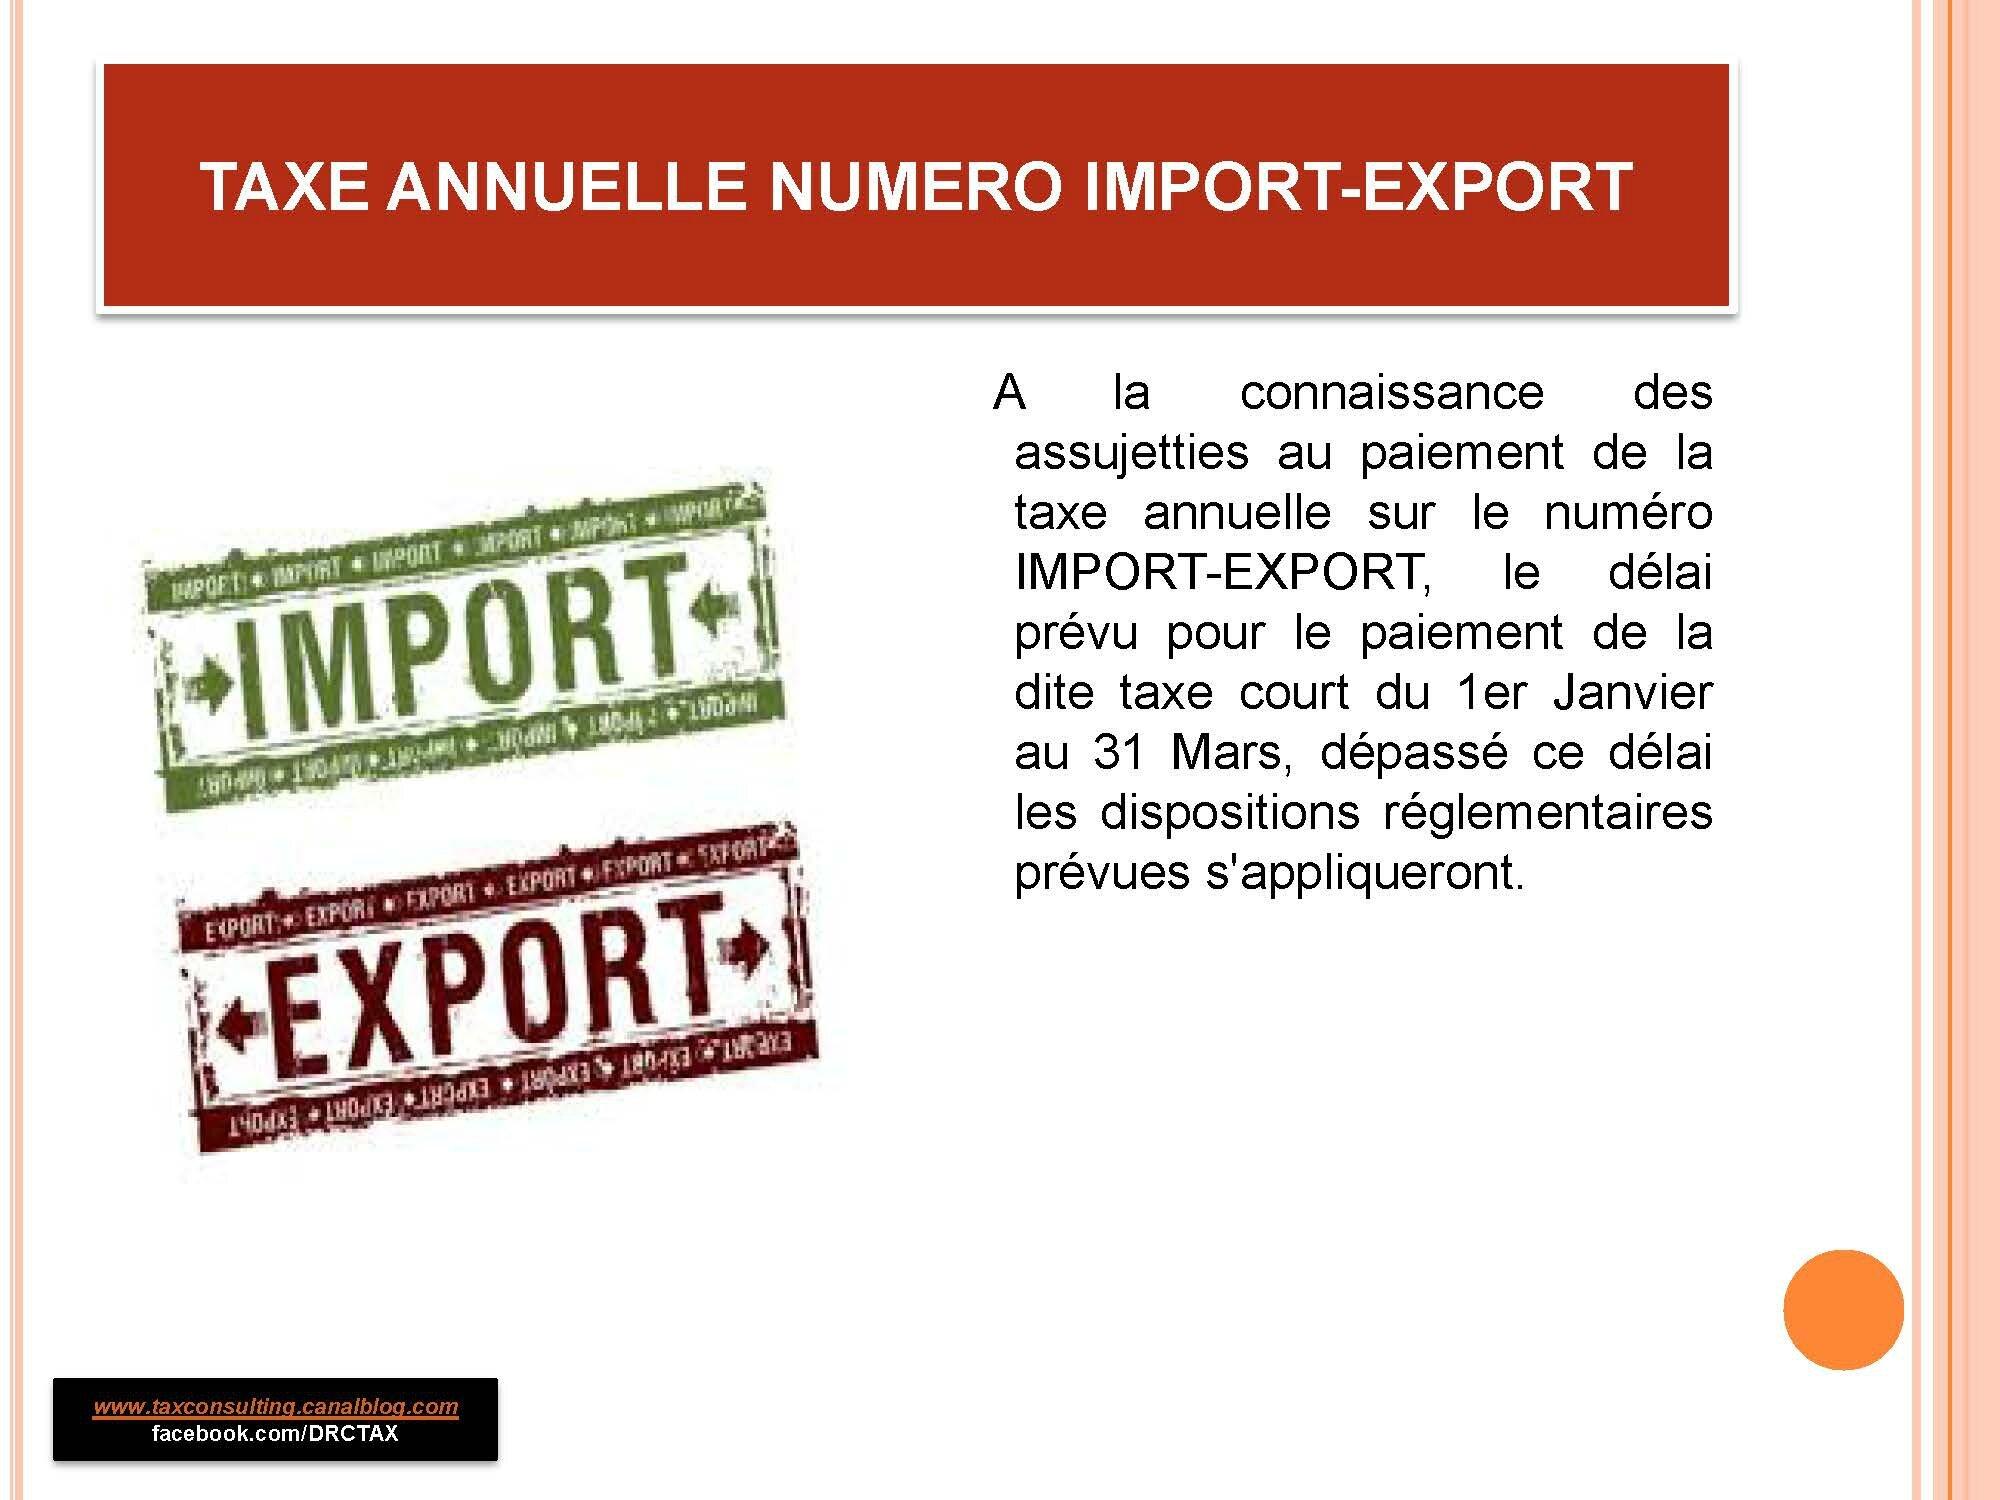 R.D. CONGO : TAXE ANNUELLE SUR NUMÉRO IMPORT-EXPORT